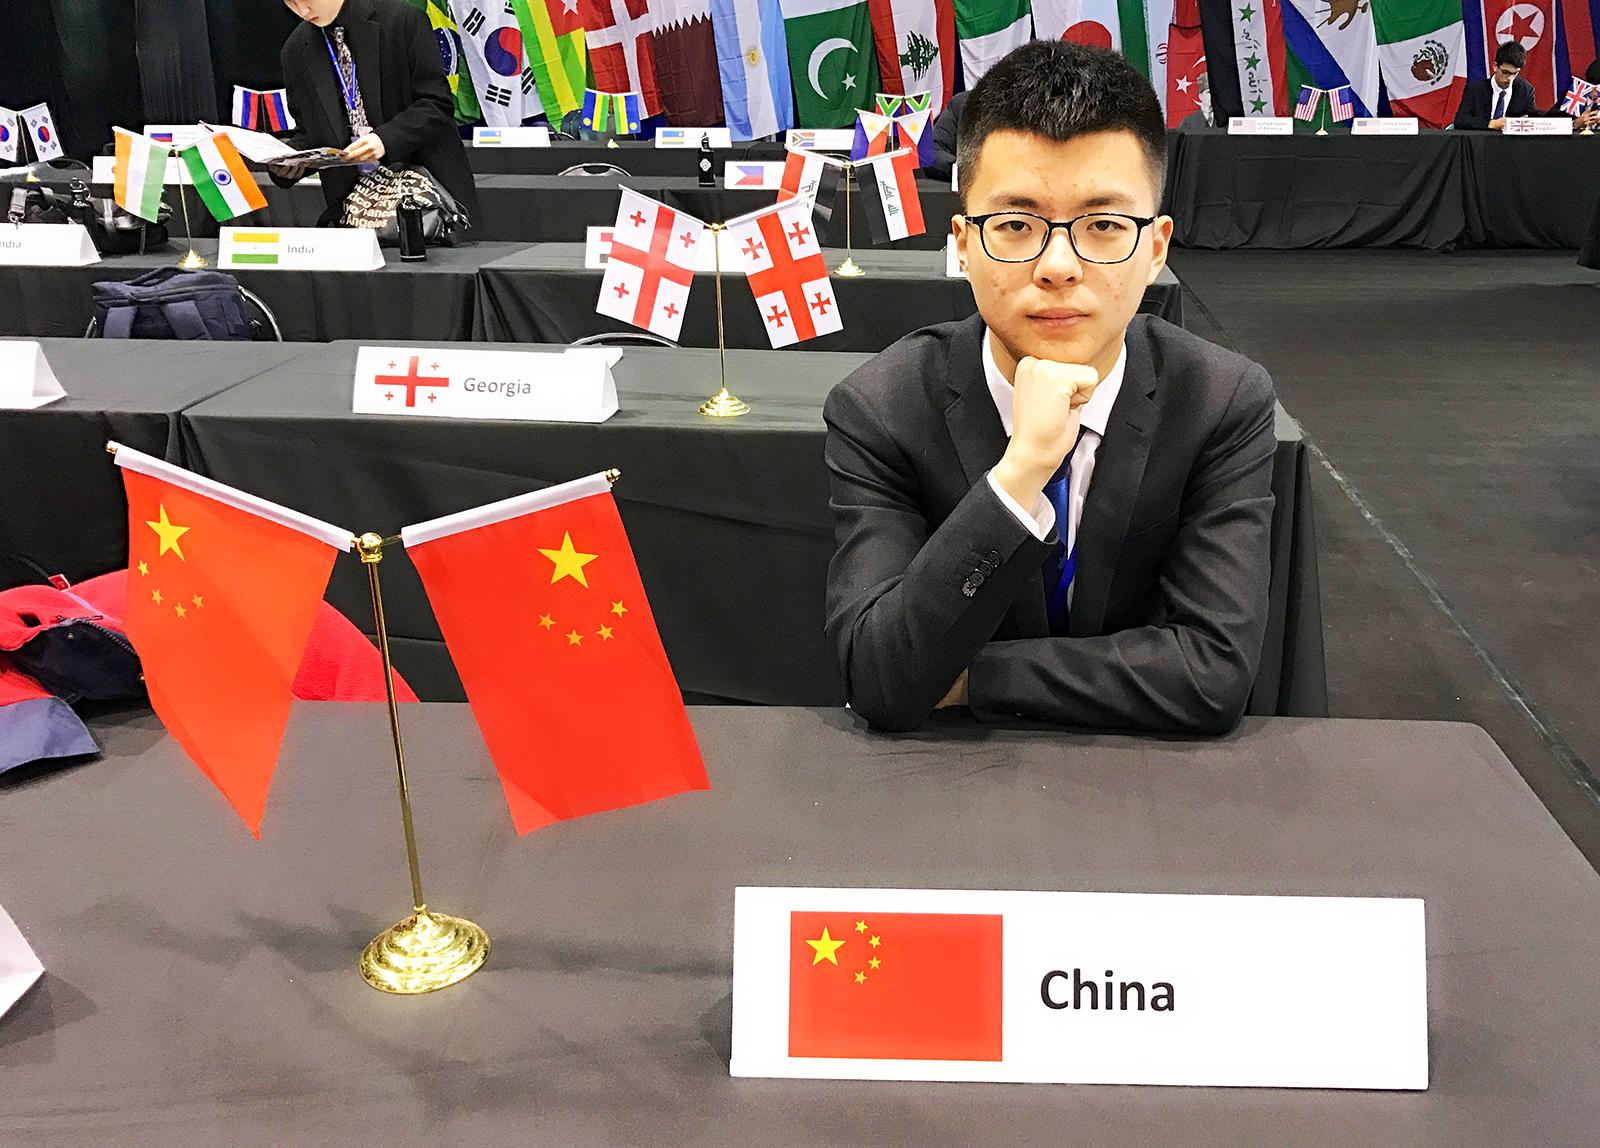 模拟联合国-v2-Dulwich_International_High_School_Suzhou